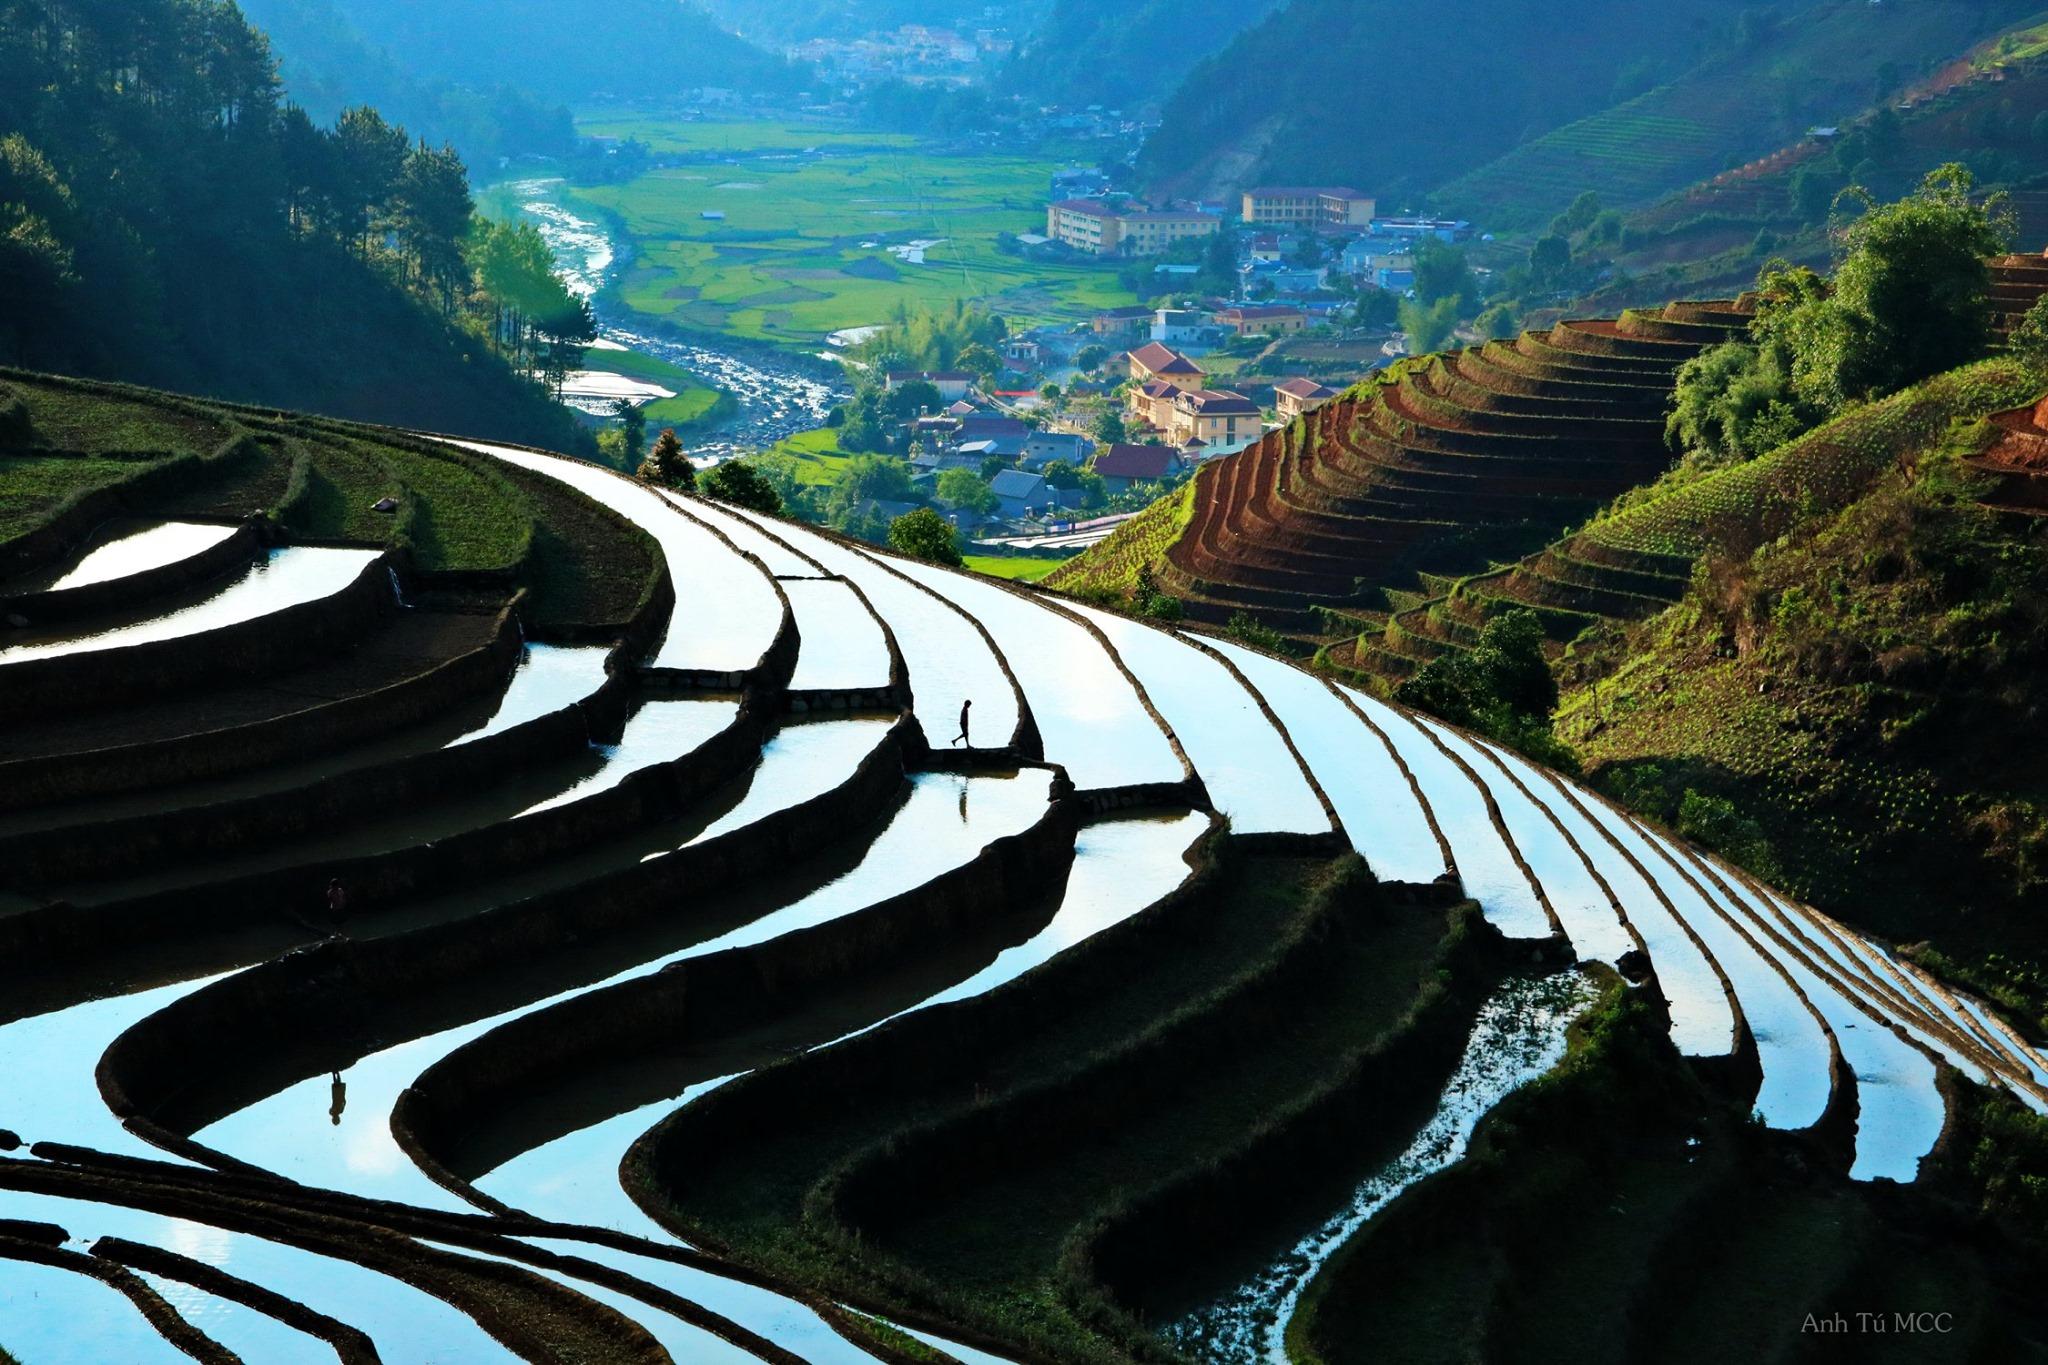 Mu-cang-chai-sapa-mua-nuoc-do-diem-den-an-toan-sau-mua-dich-covid19-vietmountain-travel10